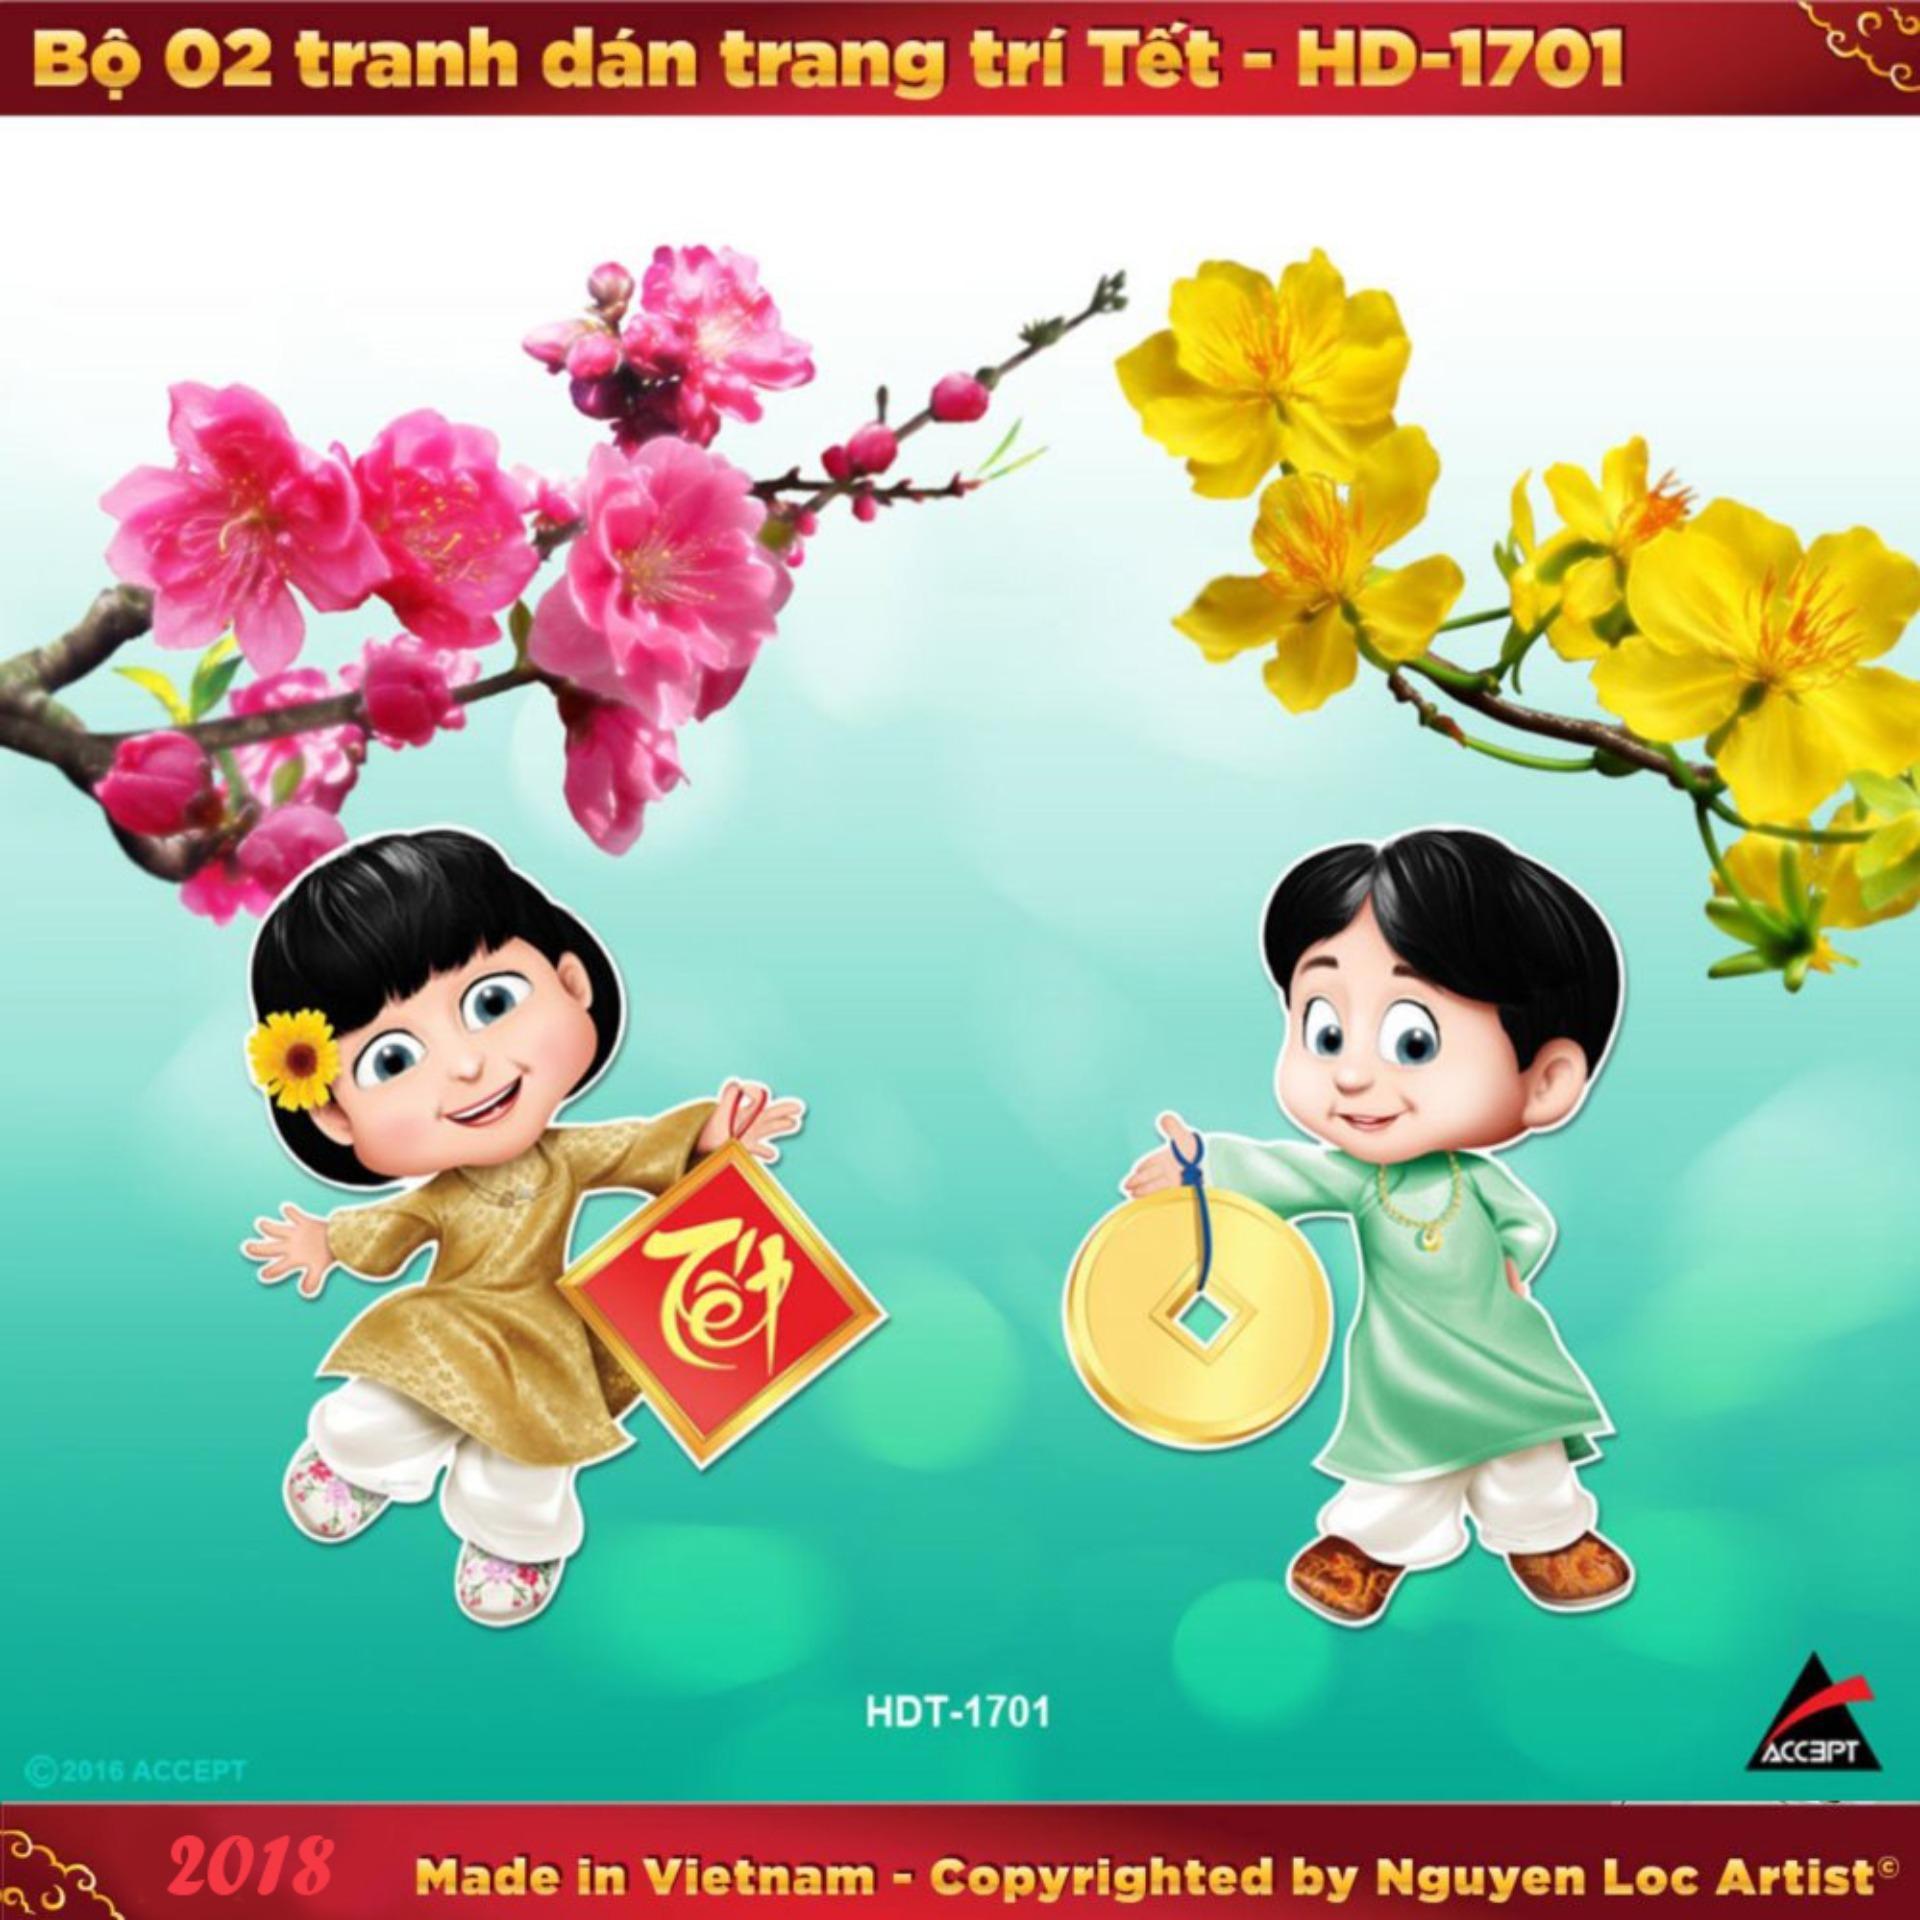 Trang bán Bộ 02 tranh dán trang trí Tết 2018 HDT1701